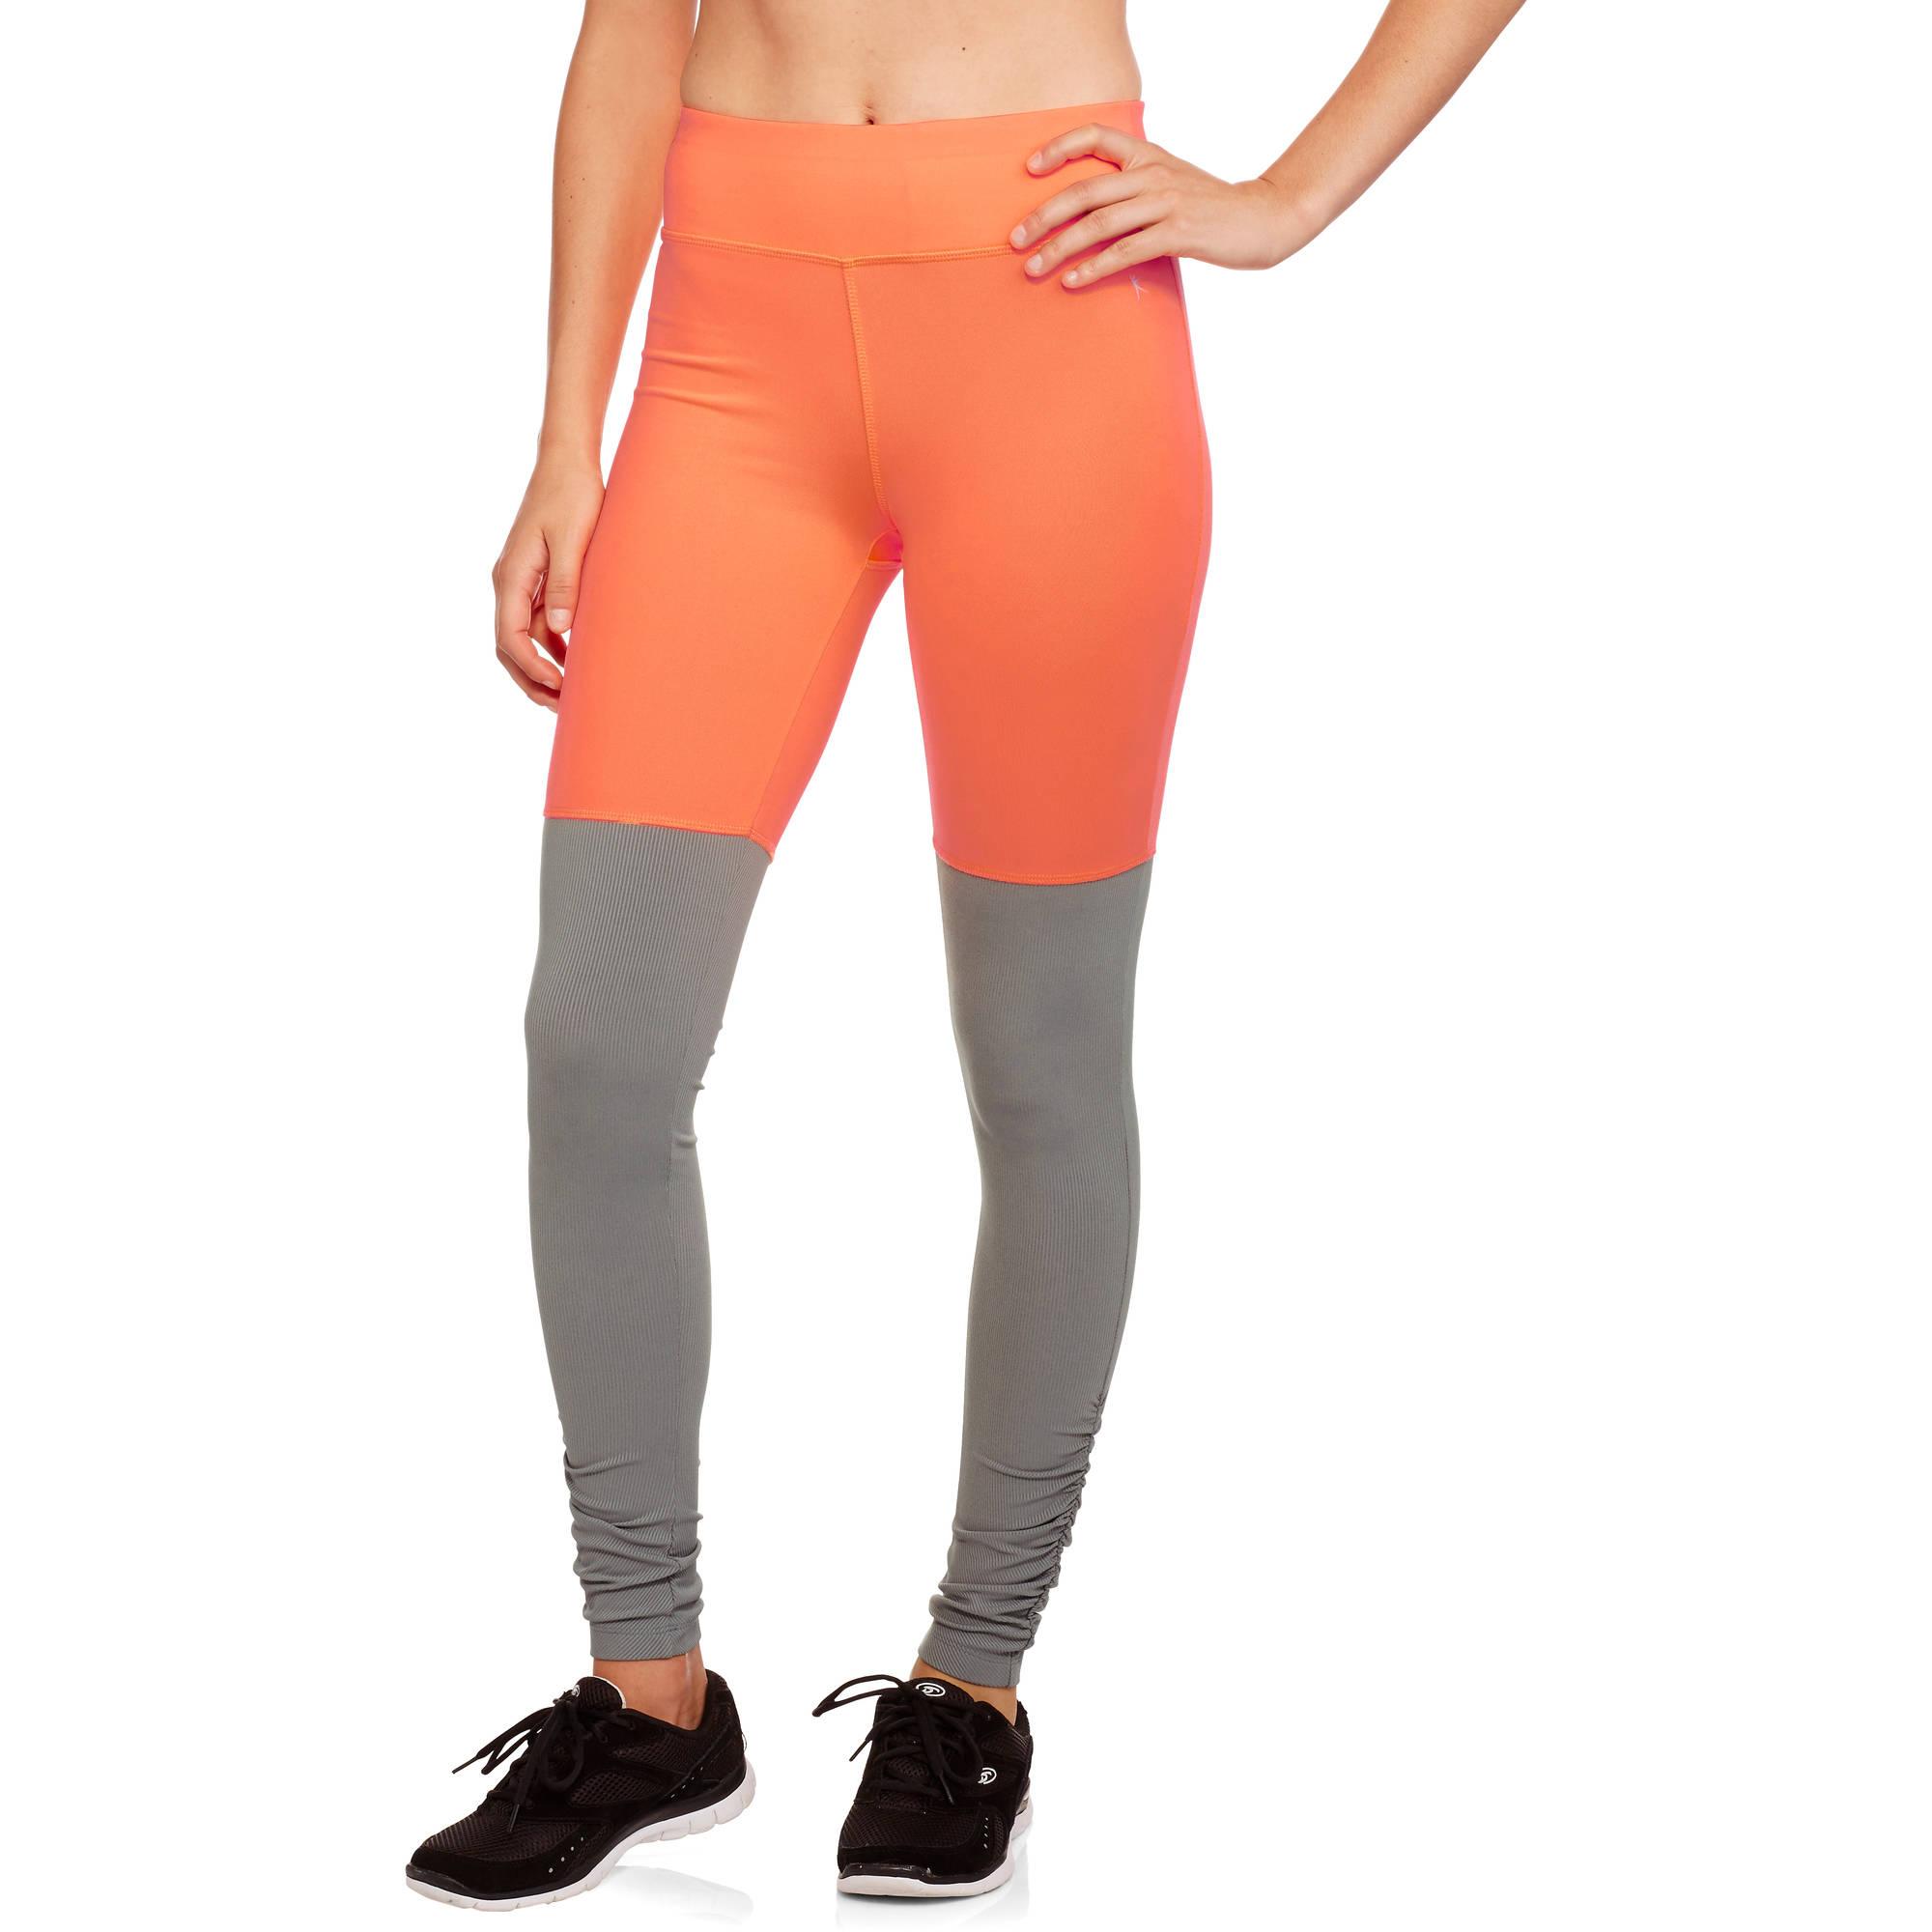 Danskin Now Women's Colorblock Full Length Legging With Shirring